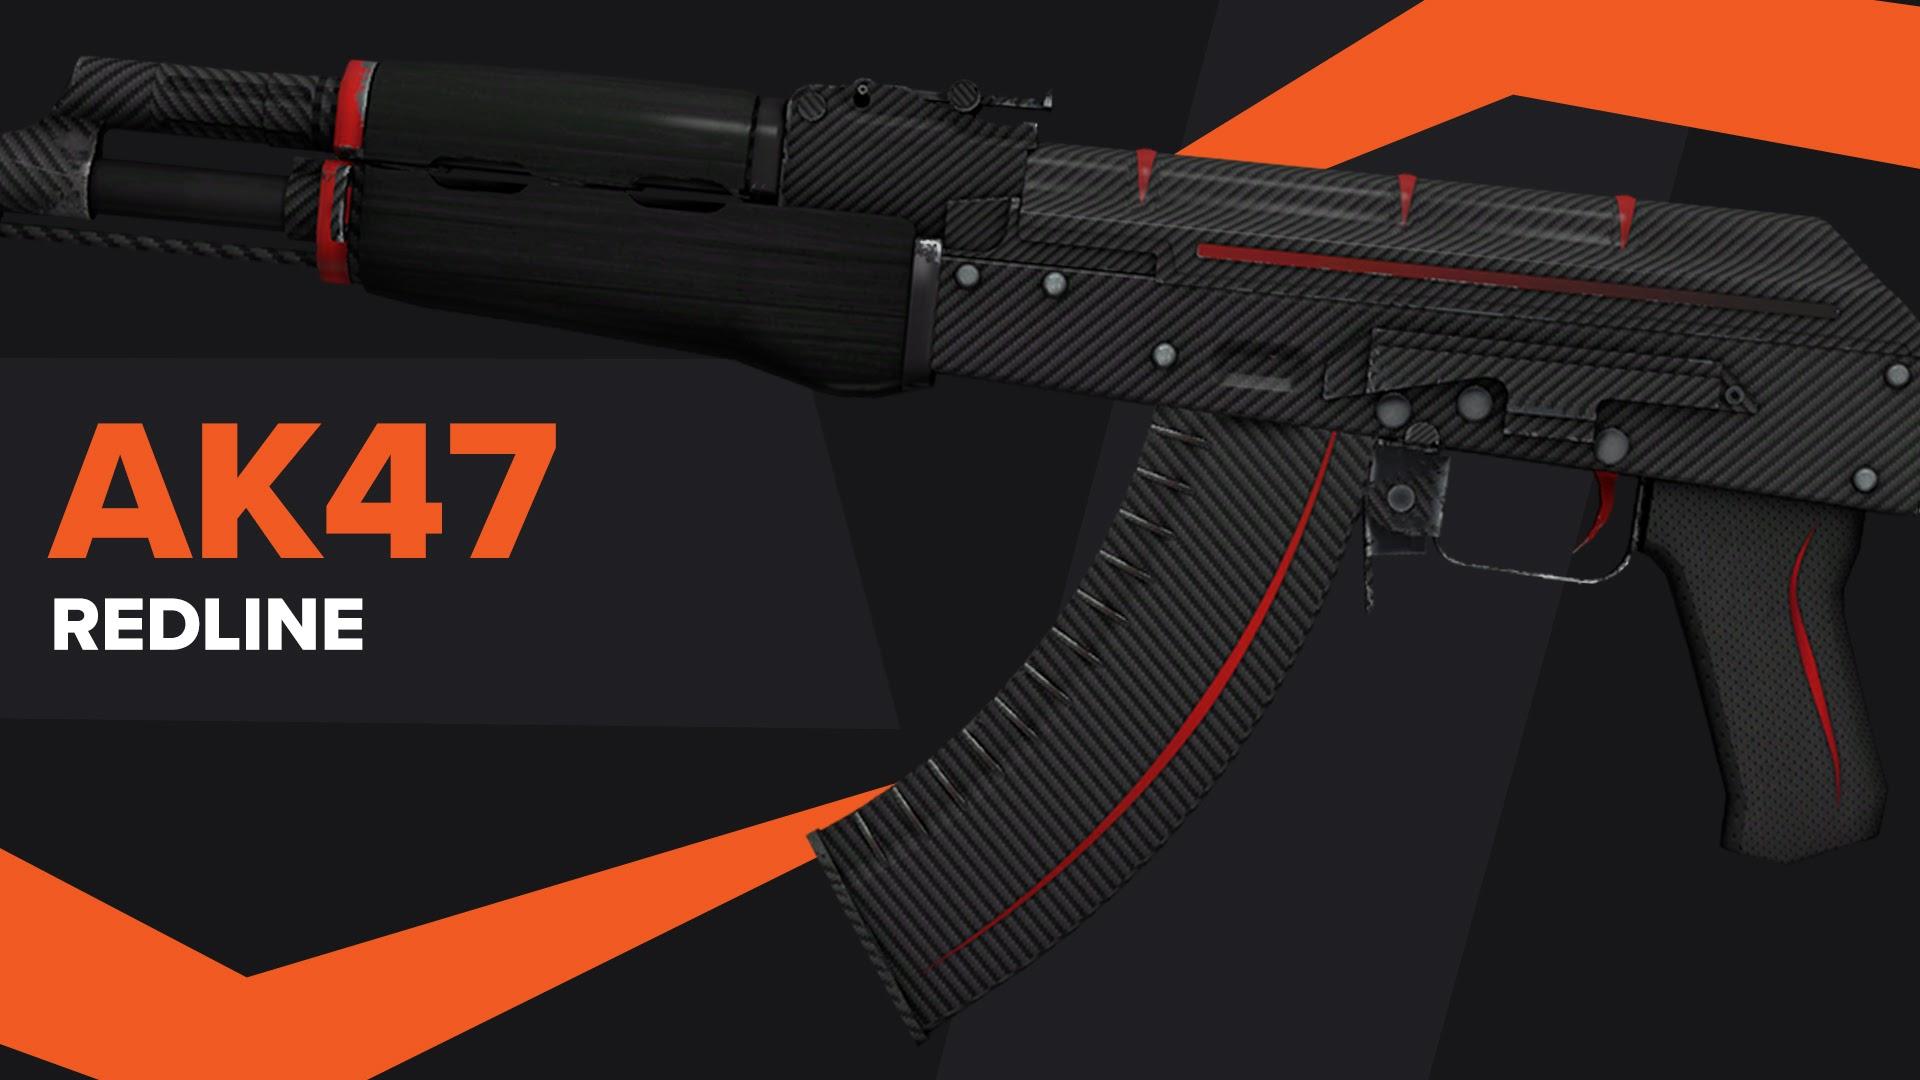 AK47 Redline CSGO Skin